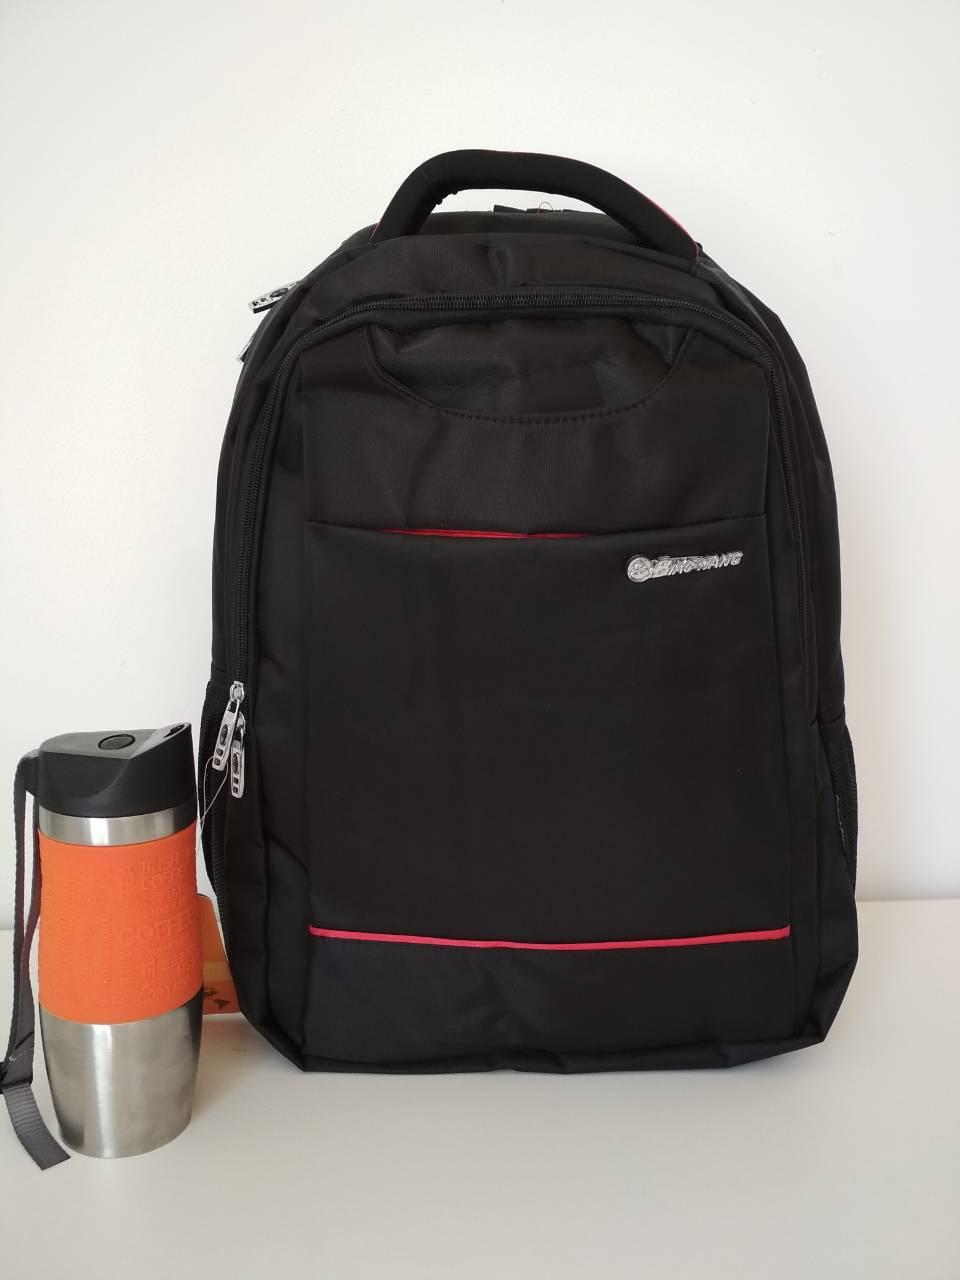 Подростковый школьный стильный рюкзак для мальчика 50*15*30 см